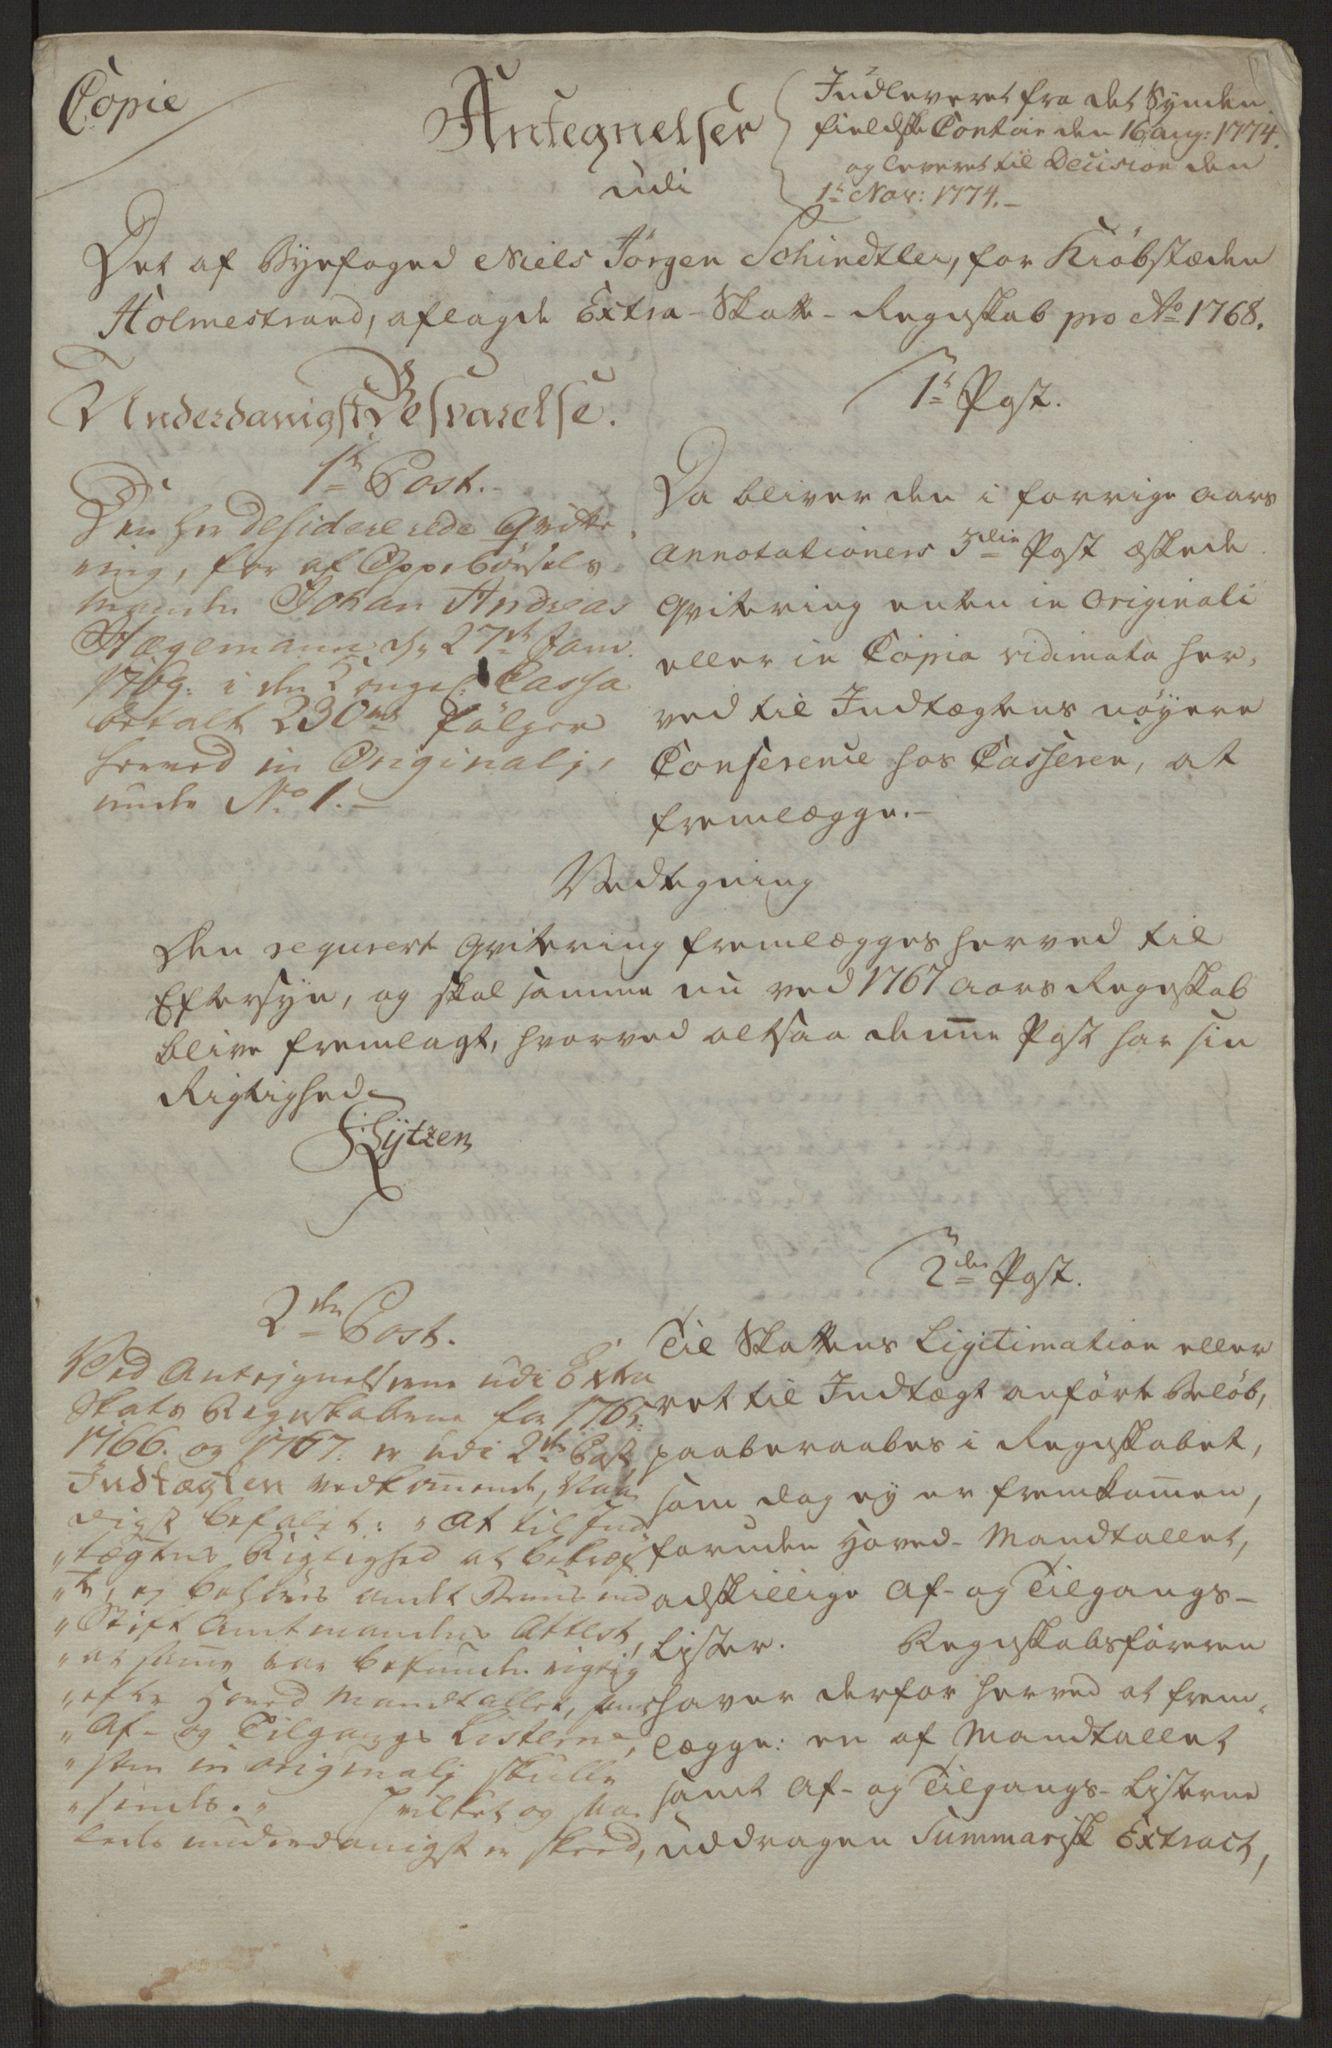 RA, Rentekammeret inntil 1814, Reviderte regnskaper, Byregnskaper, R/Rh/L0163: [H4] Kontribusjonsregnskap, 1762-1772, s. 385